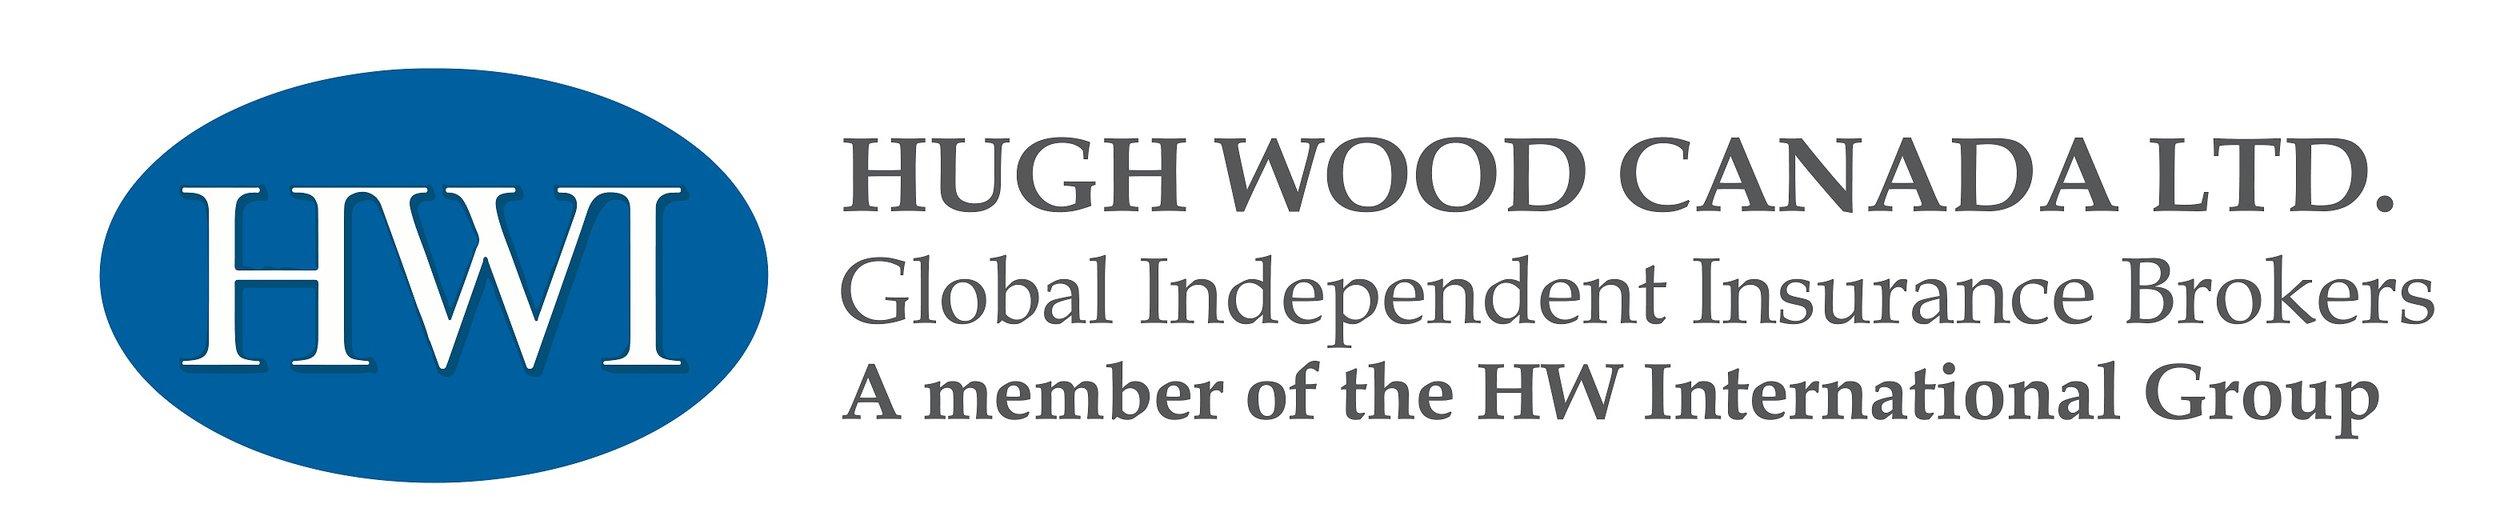 Hugh Wood Canada.jpg